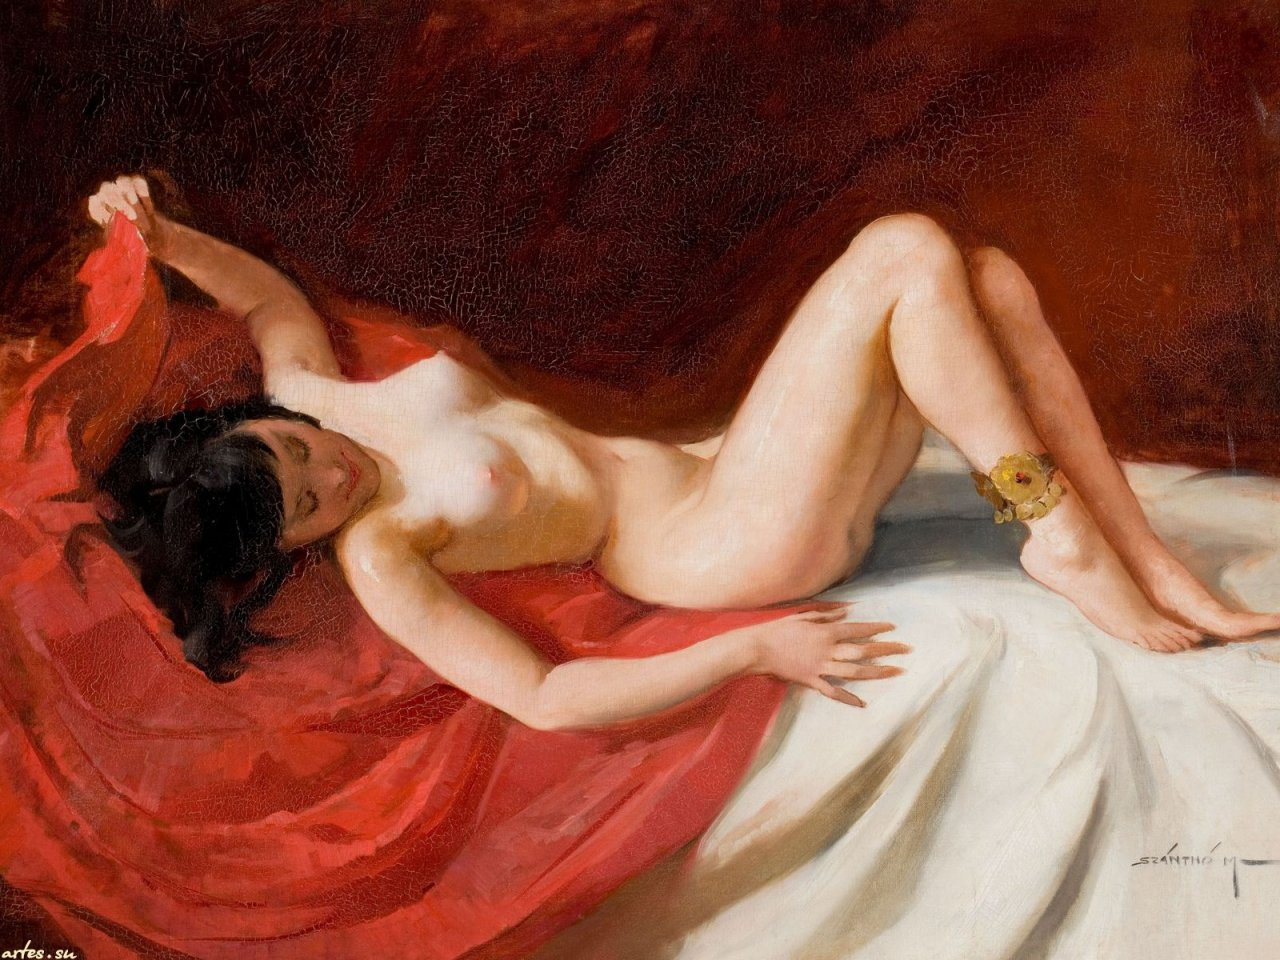 http://www.artes.su/wallpapers/b4f0ca2f84edf5cc72730366f8b56952/6672_4.jpg